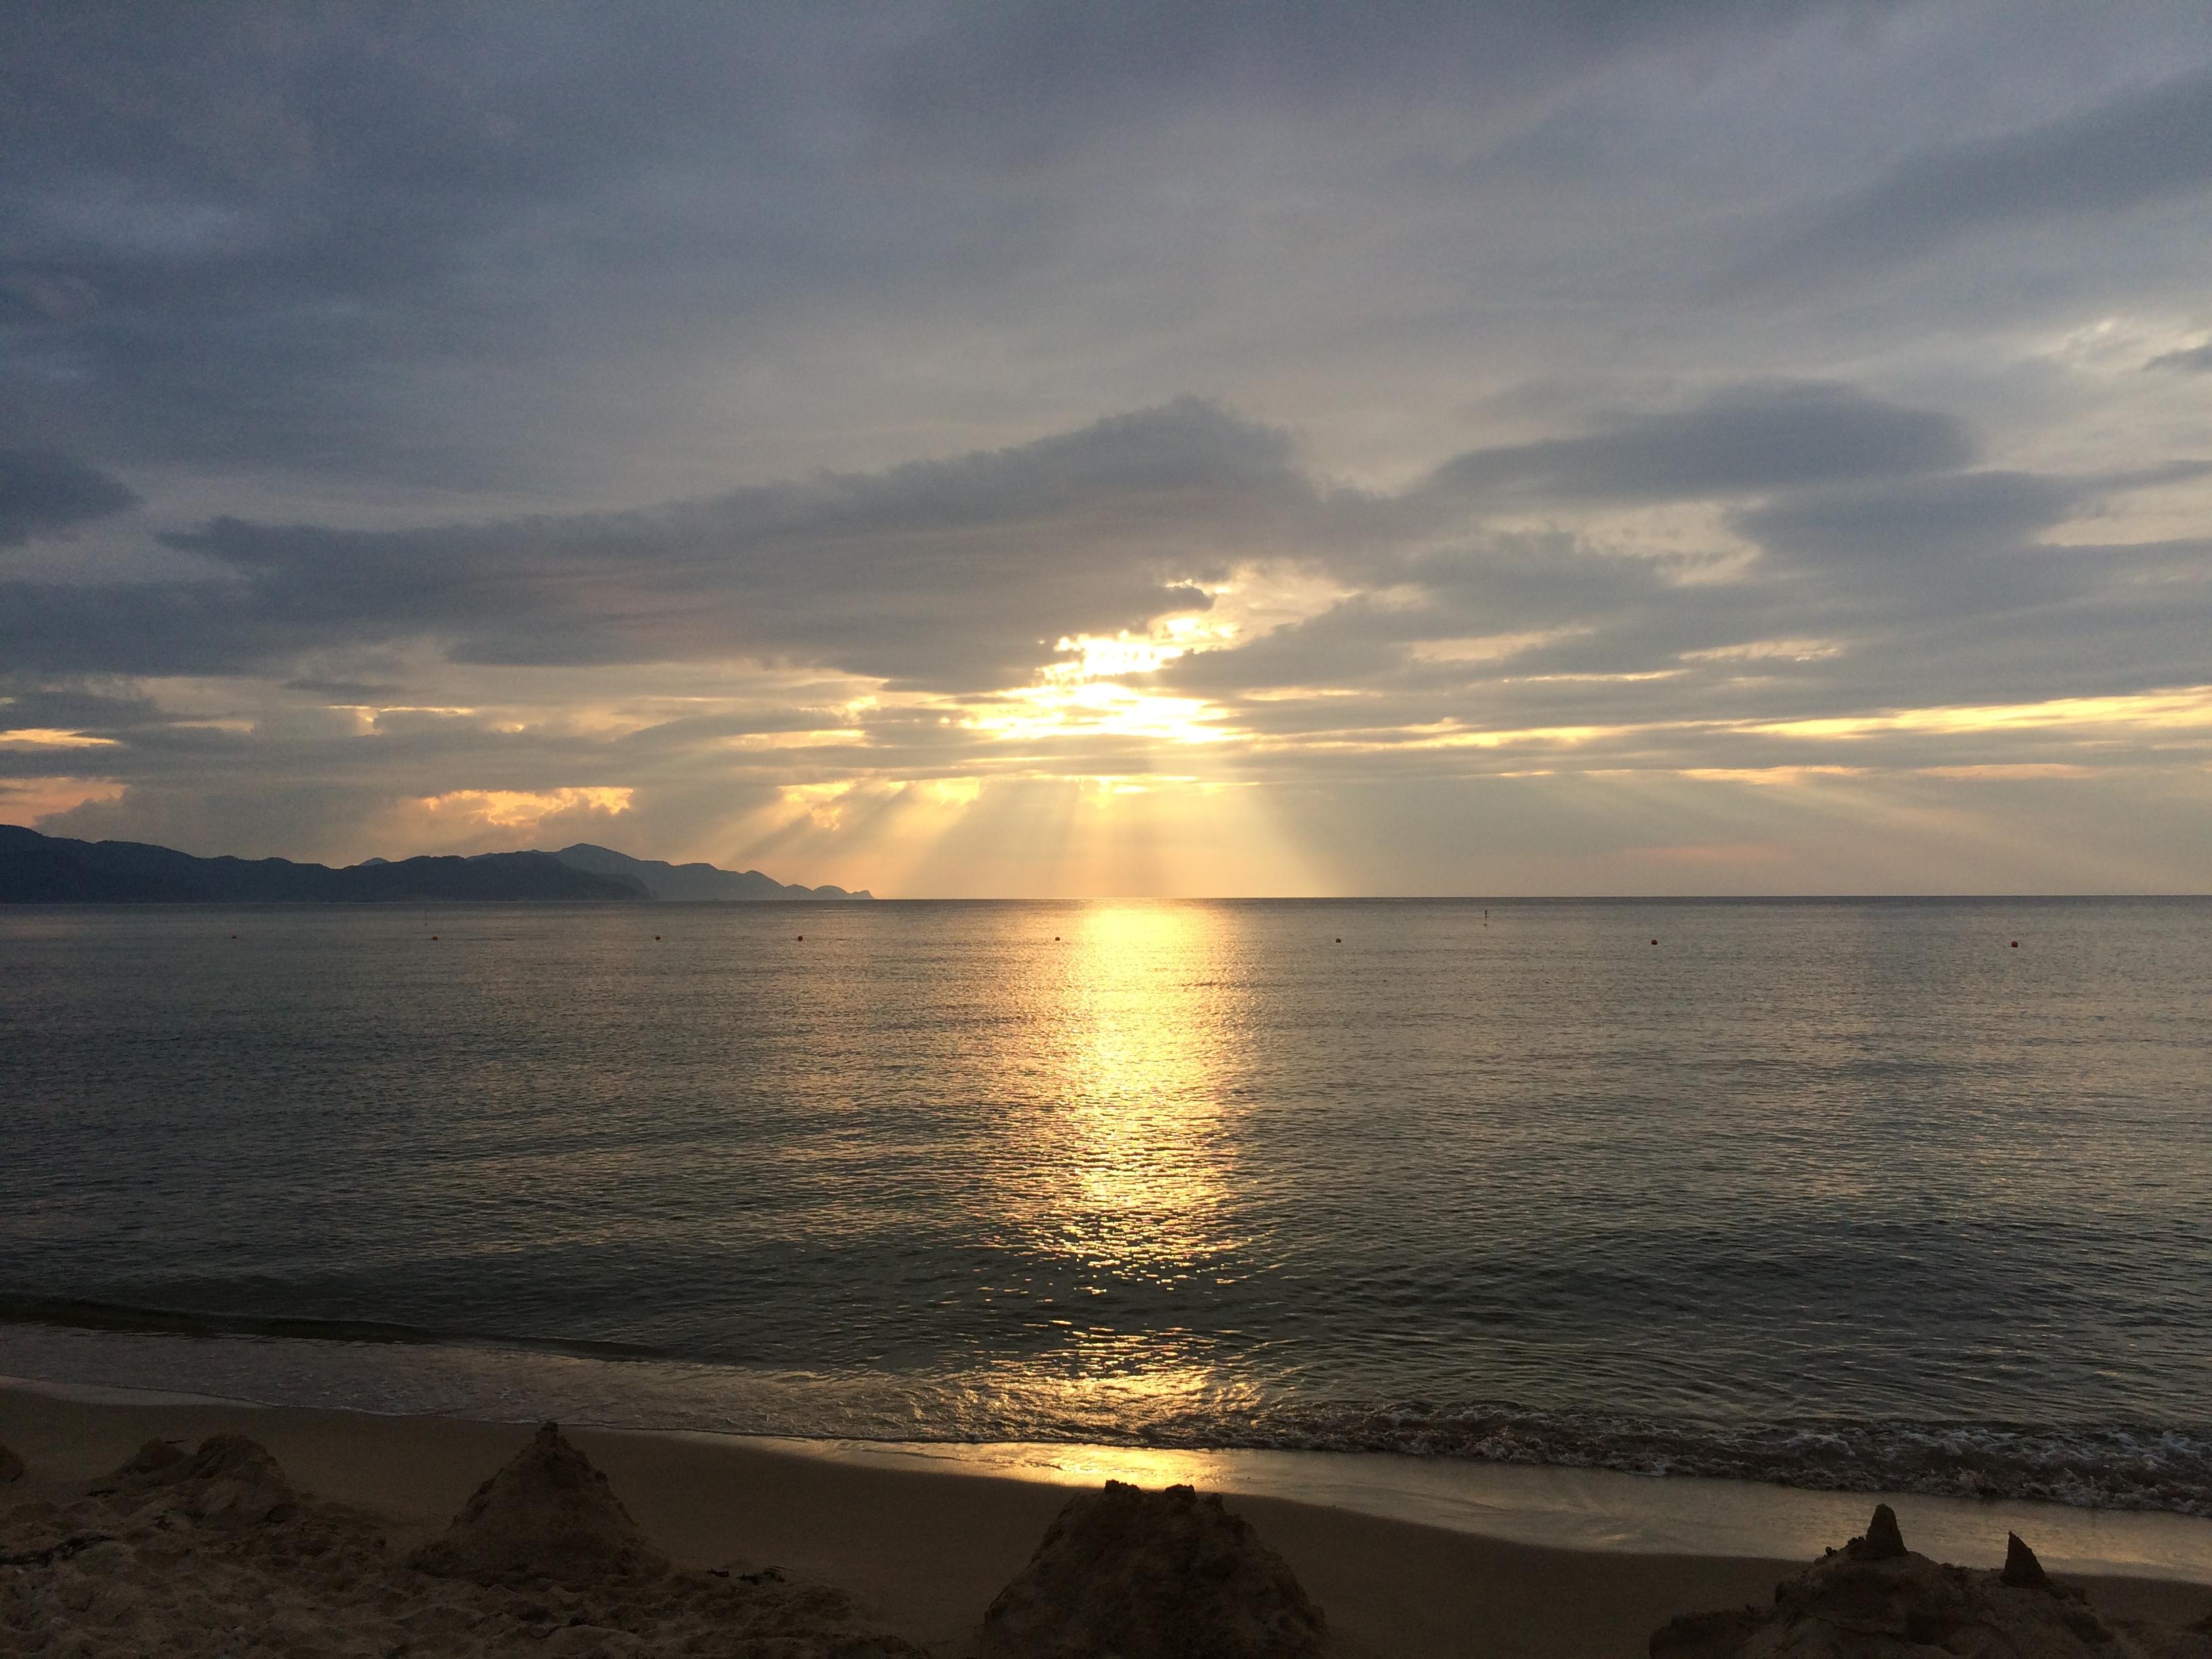 海に沈む夕日 夕日ヶ浦温泉 京都